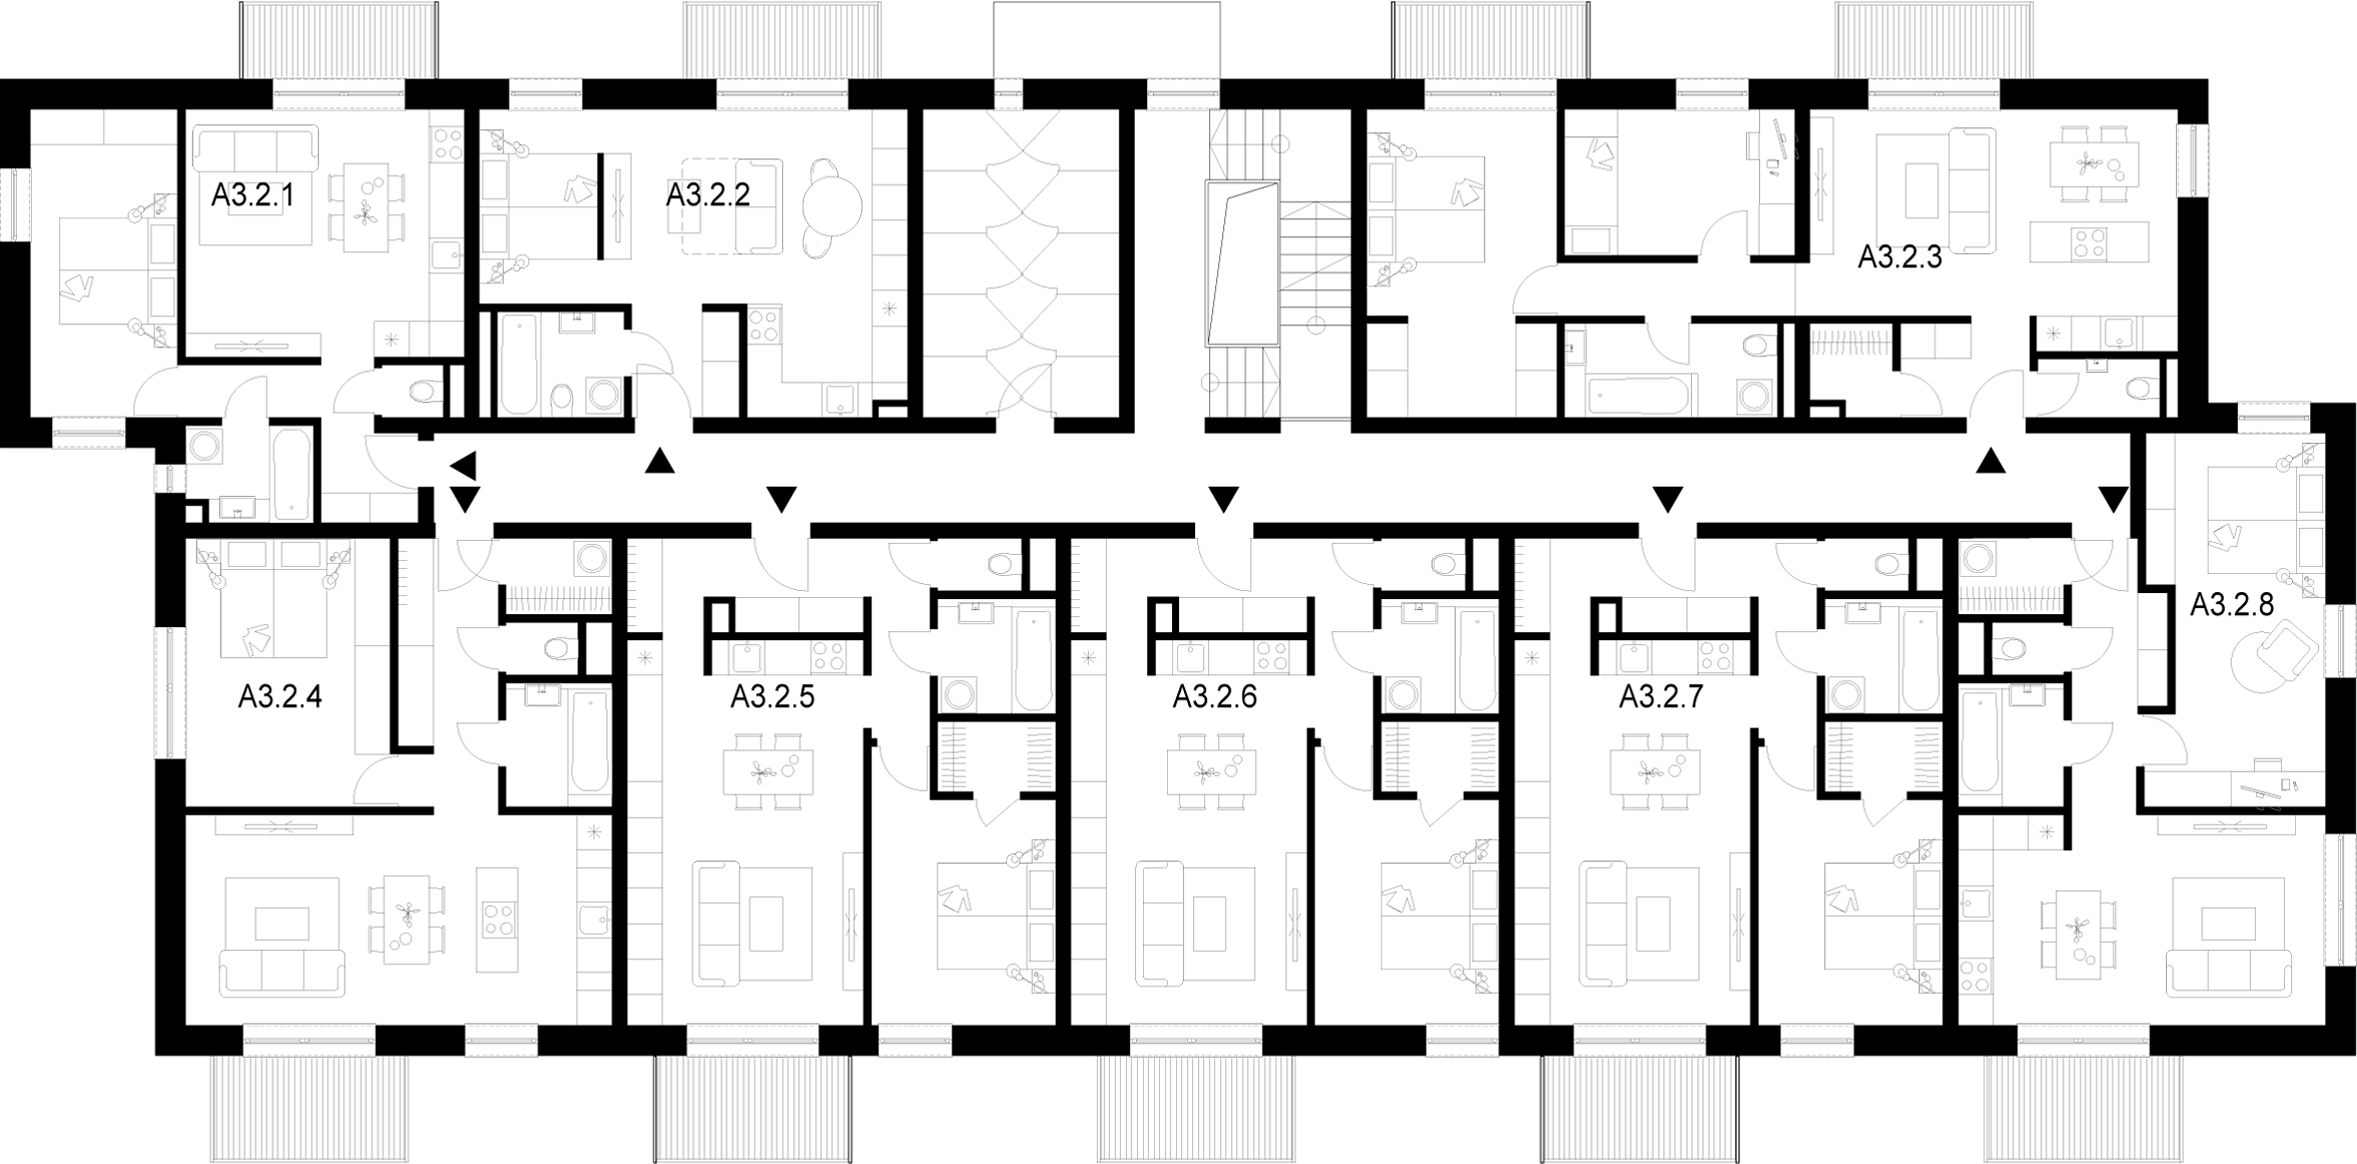 SO-01.A3 – 2. NP